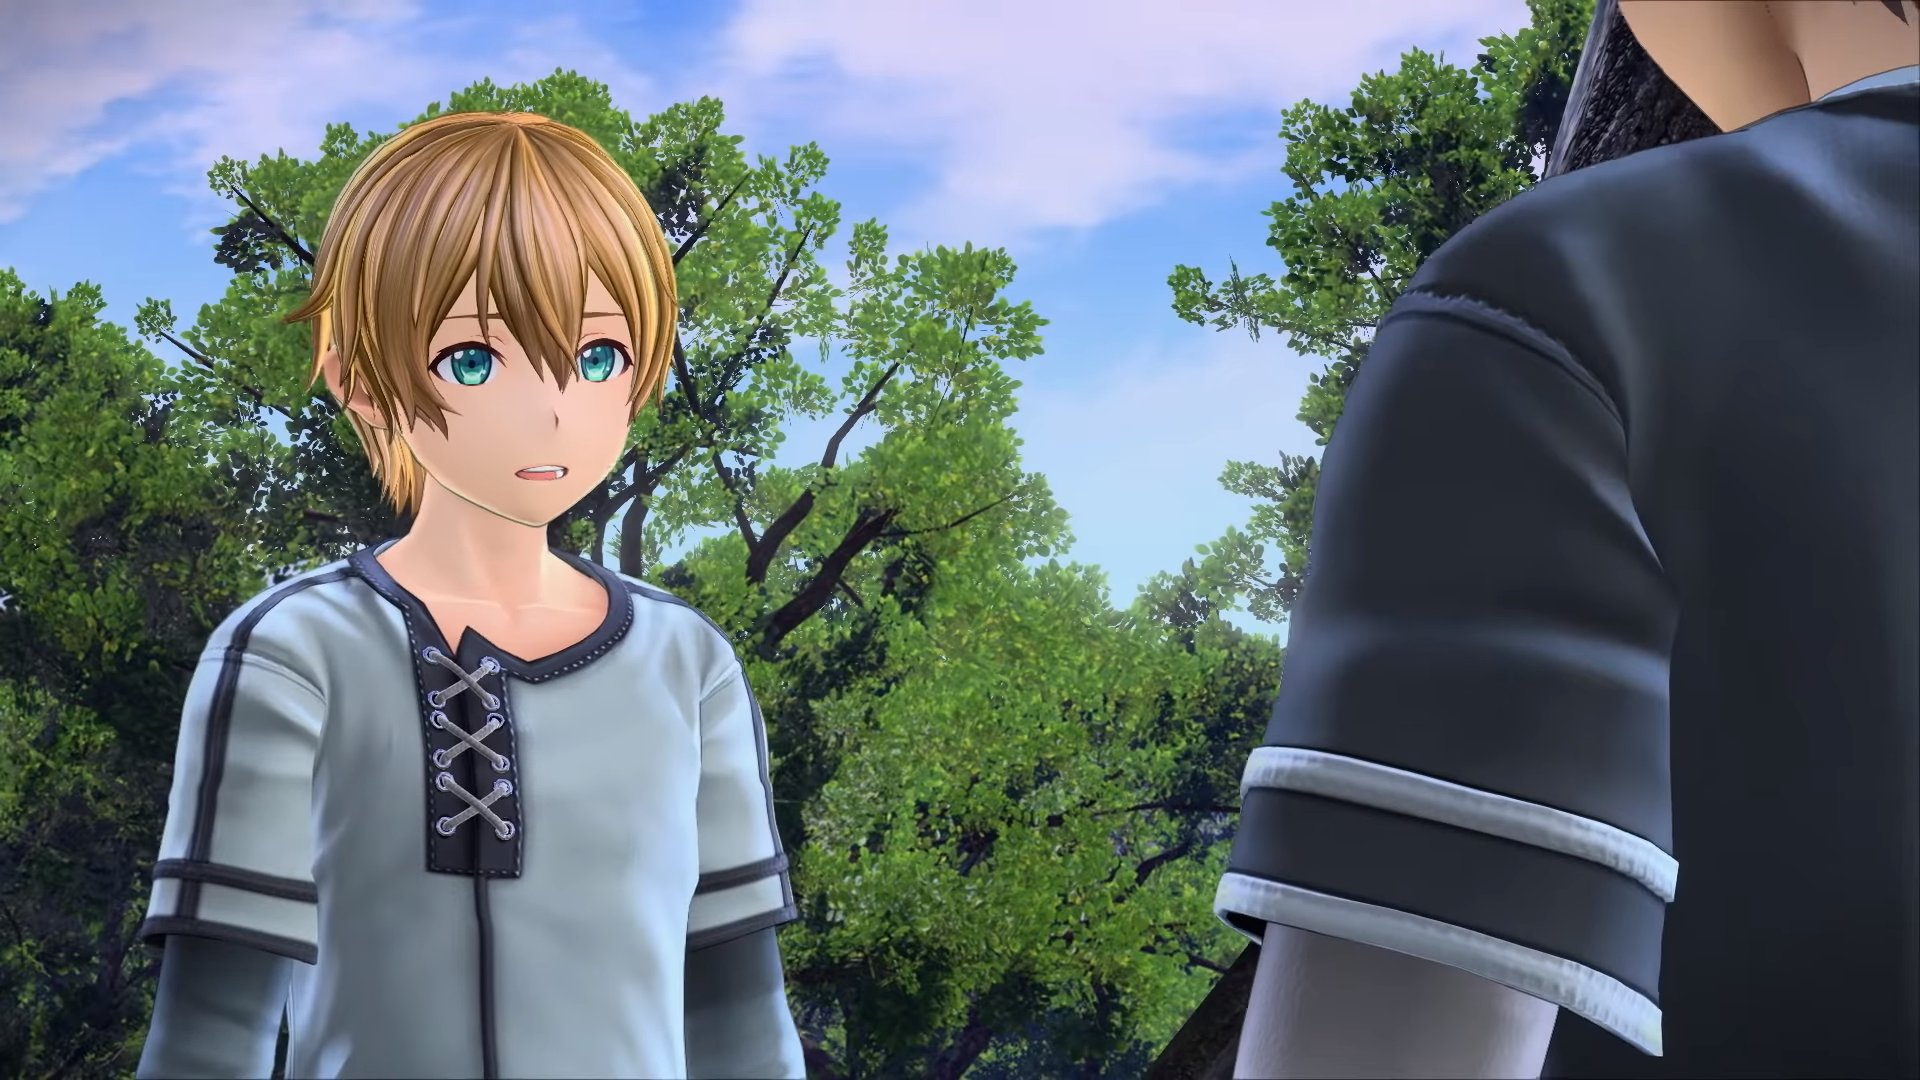 【悲報】PS4「SAO アリシゼーション リコリス 」の不具合報告が多すぎて酷すぎる件